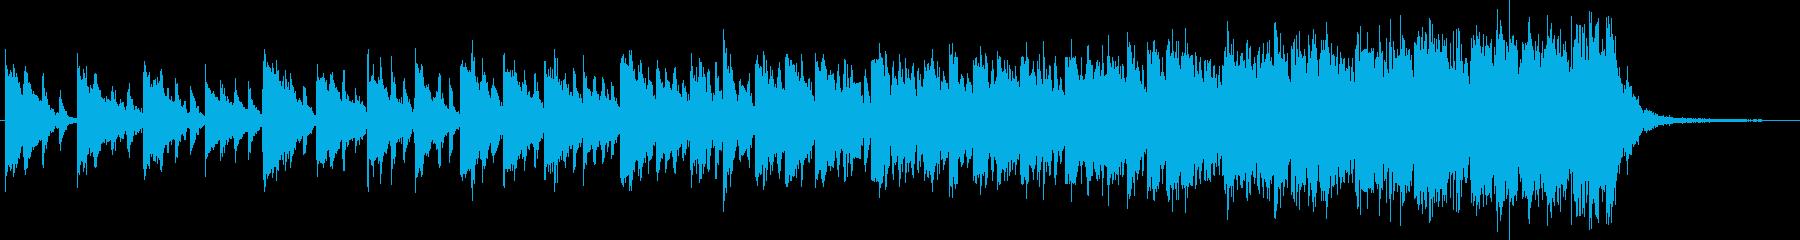 上昇する旋律が次第に早くなるSEの再生済みの波形